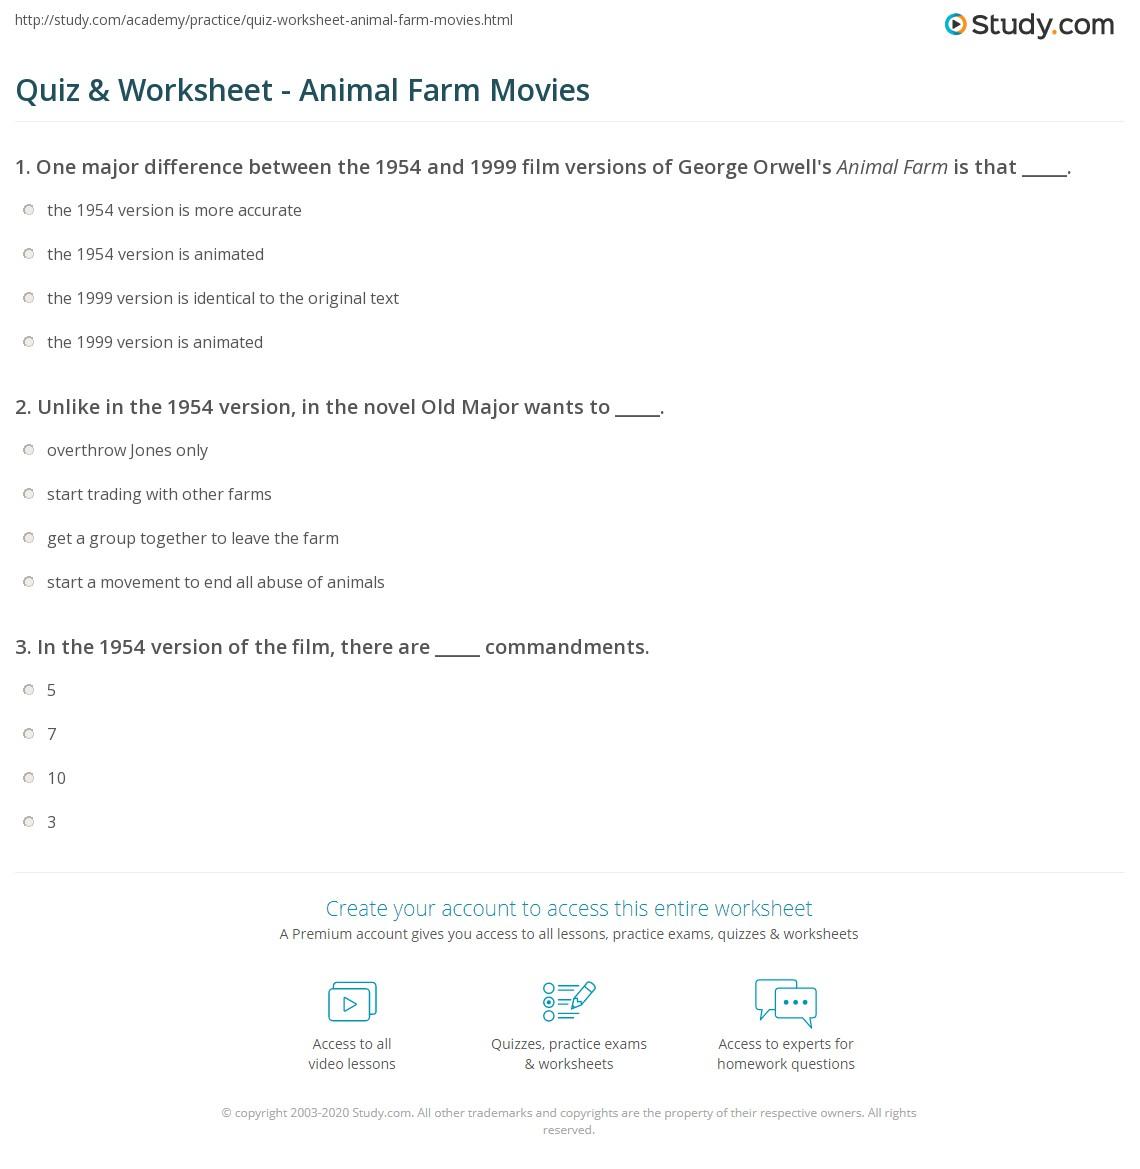 Quiz Worksheet Animal Farm Movies – Movie Worksheets